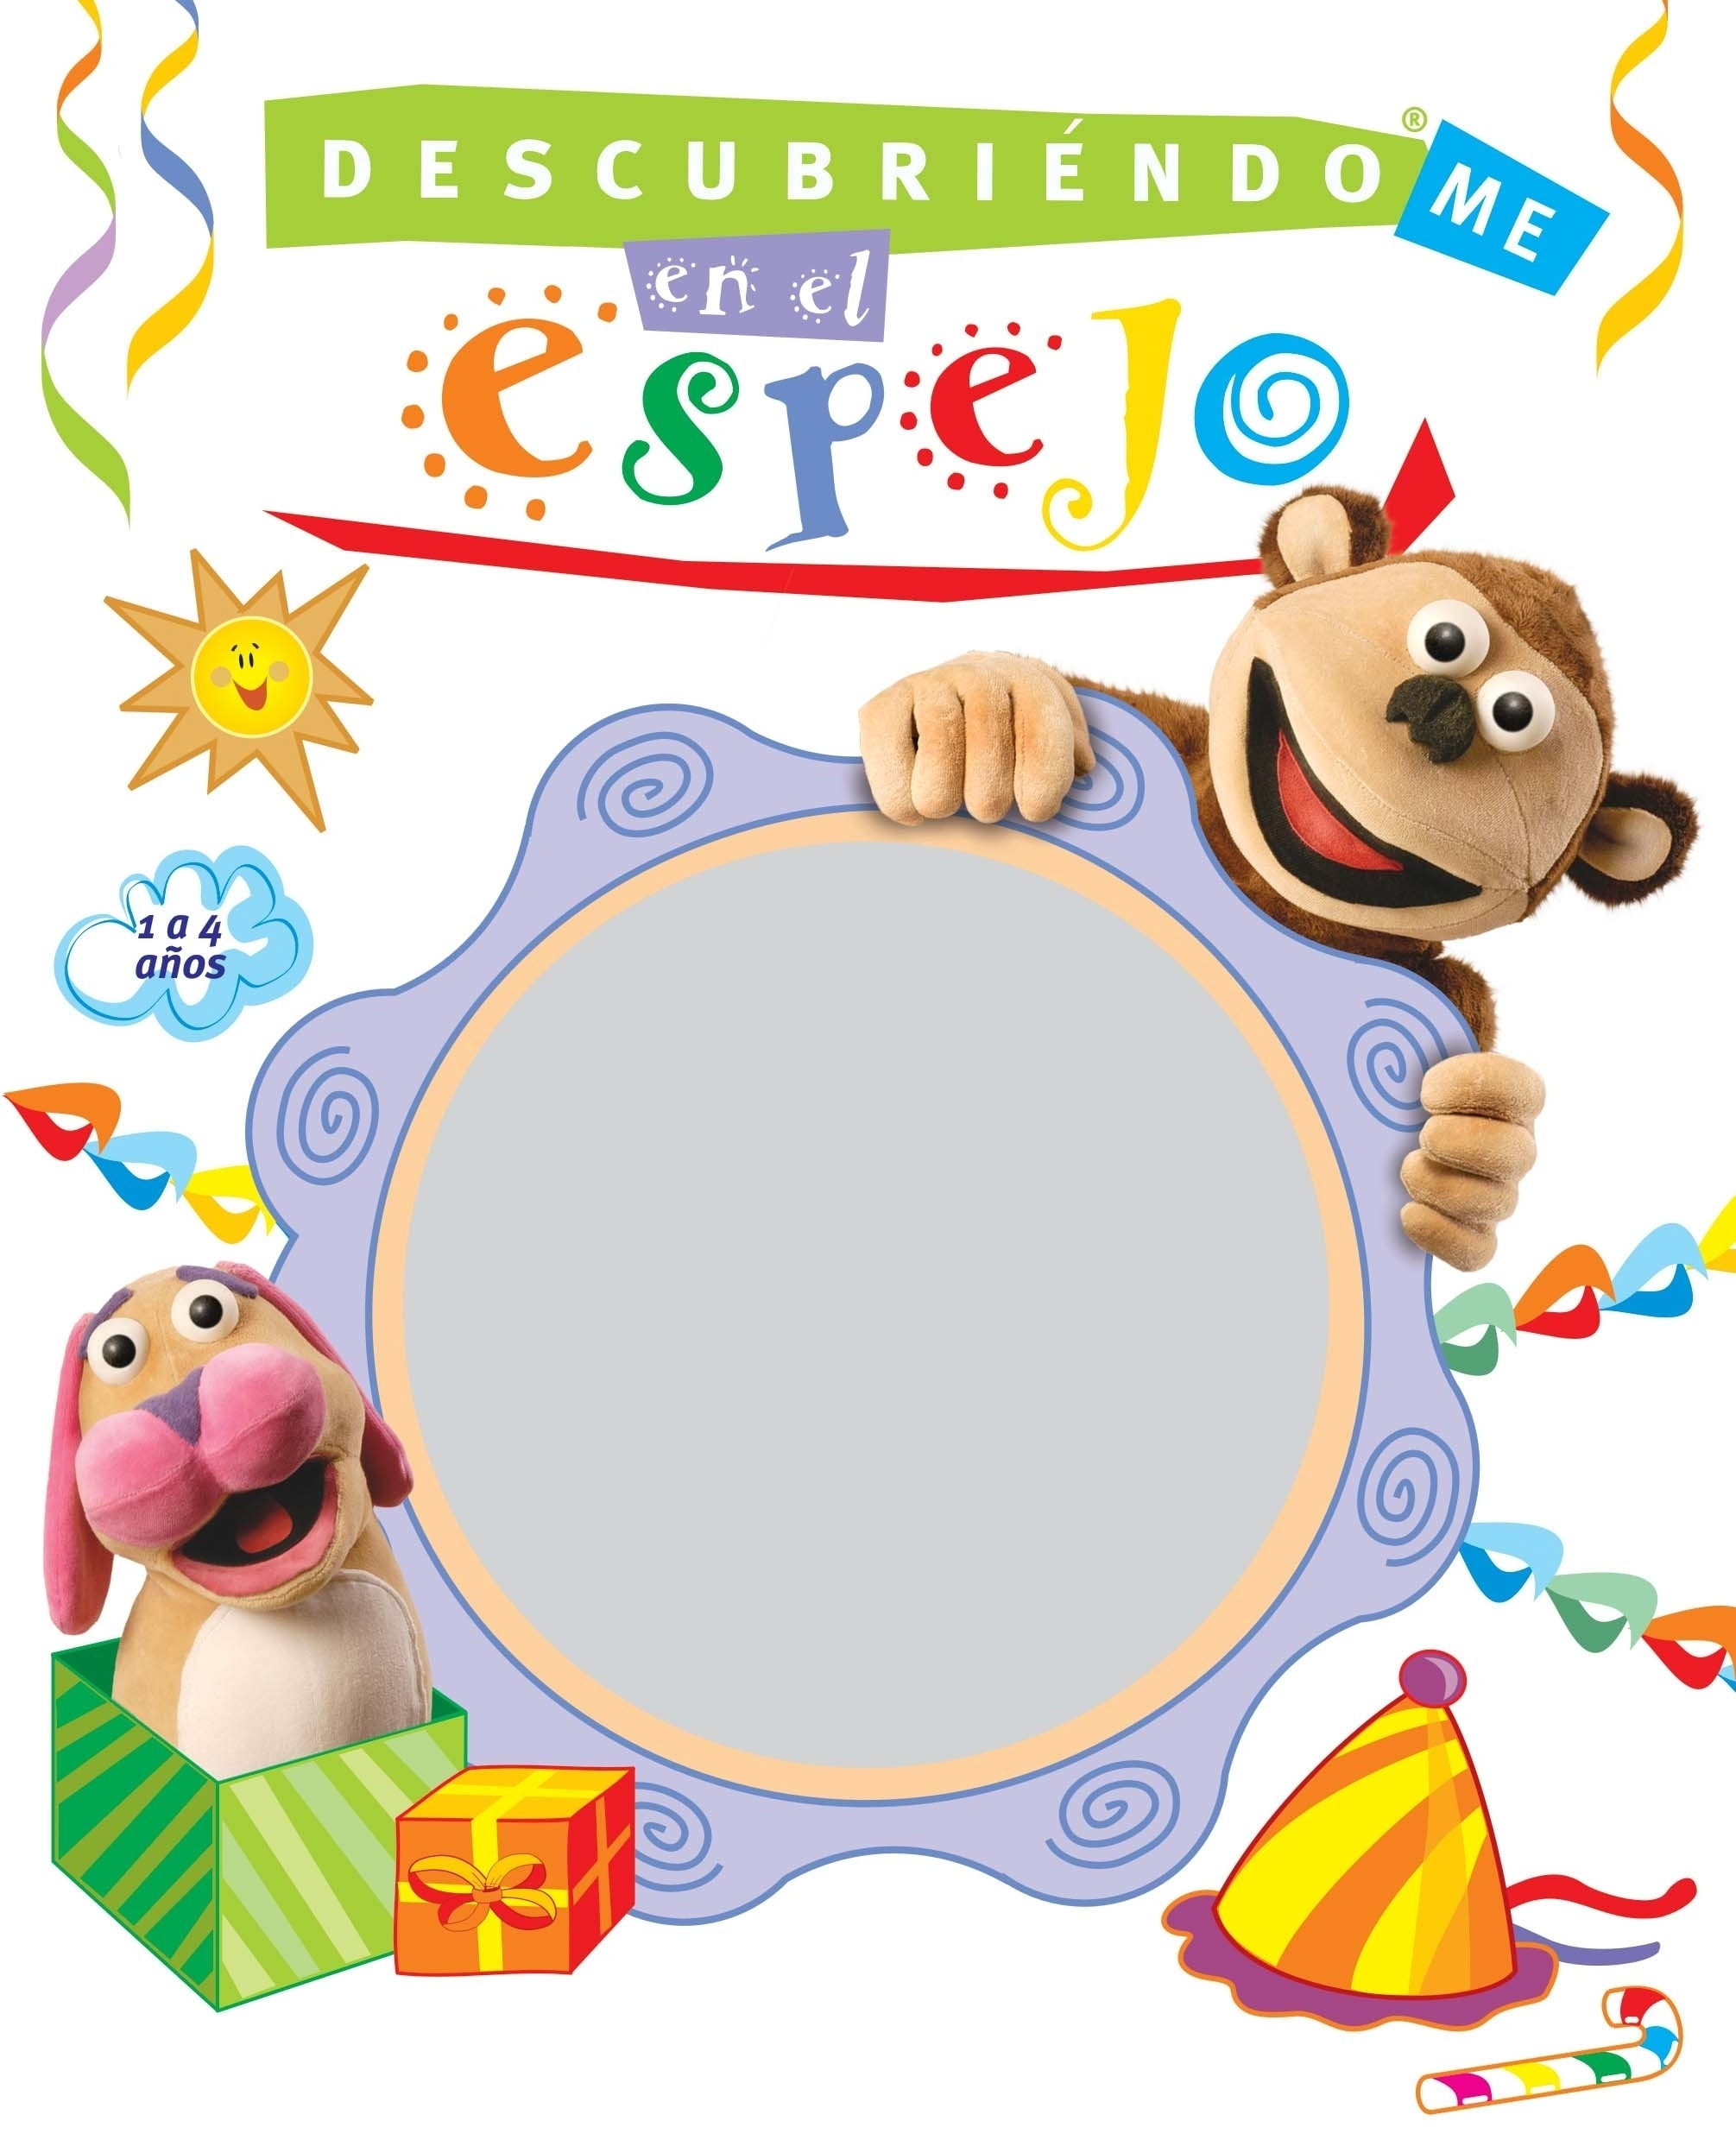 Descubriéndome en el espejo